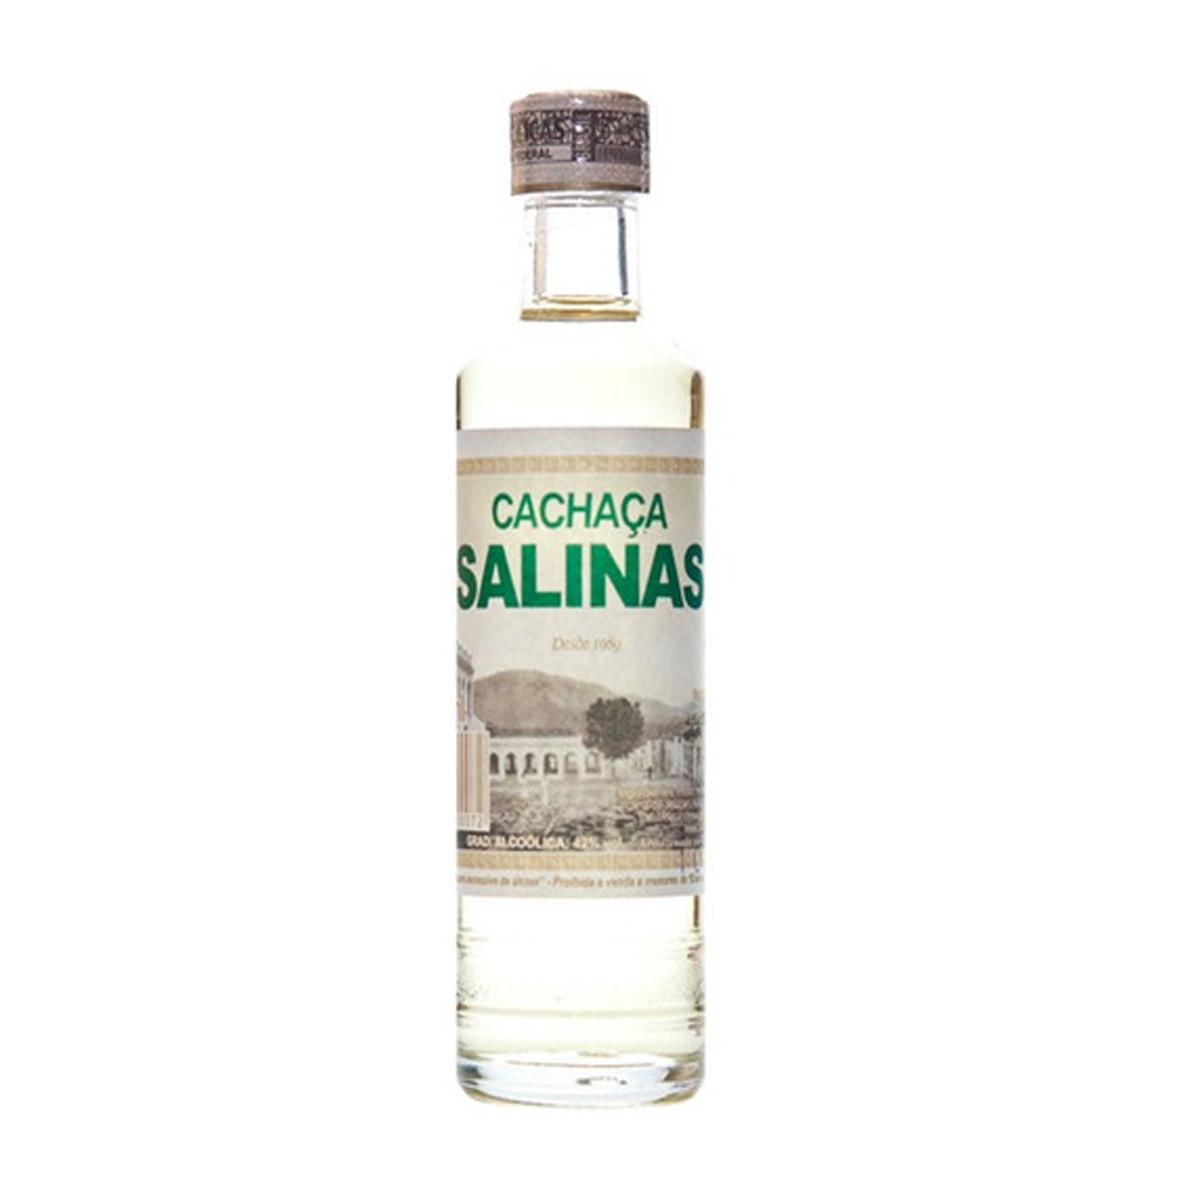 Cachaça Salinas miniatura 50 ml